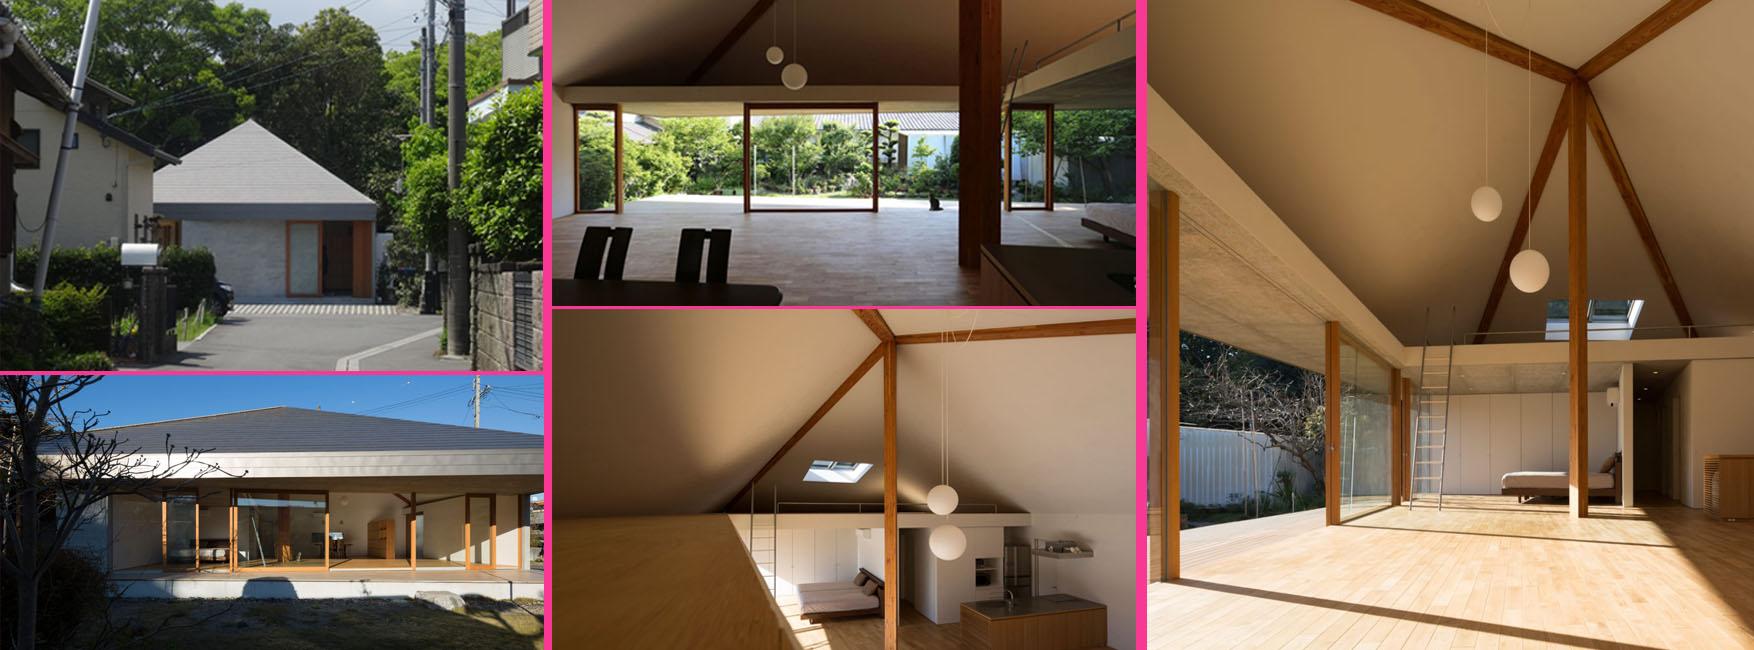 Interieur Maison Japonaise Traditionnelle architecture japonaise : revisiter l'ancien pour transcender